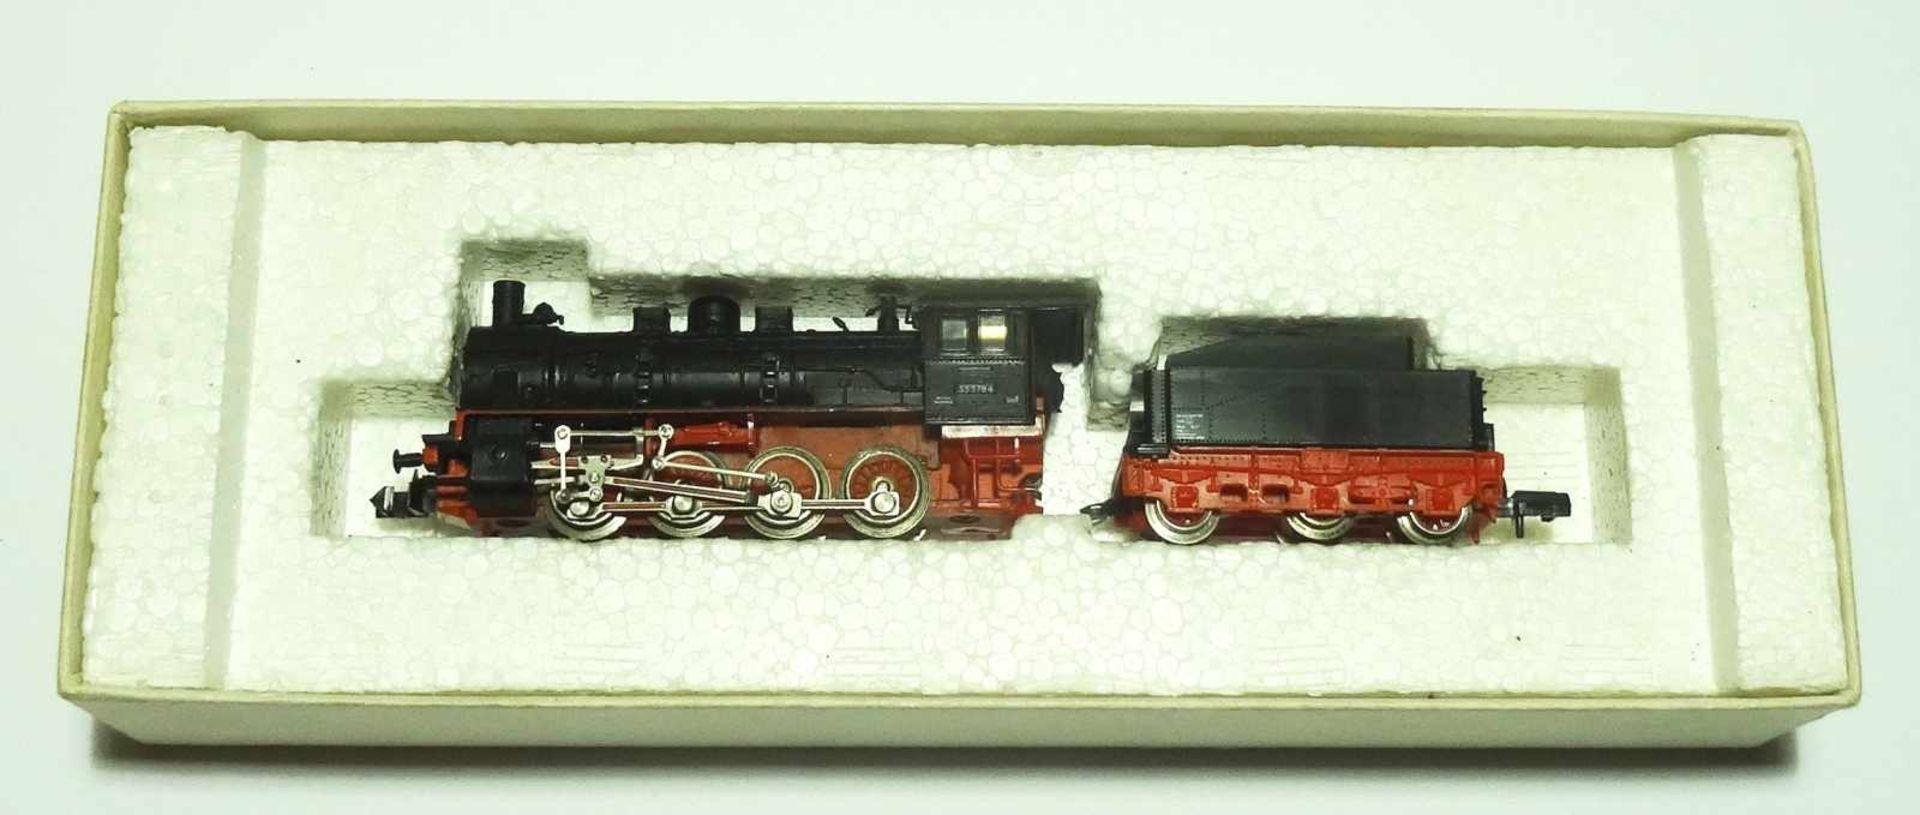 Los 6 - Konvolut Eisenbahn Zubehör Spur N PIKO div. Wagen, Weichen, Lokomotive und Häuschen, teilweise im